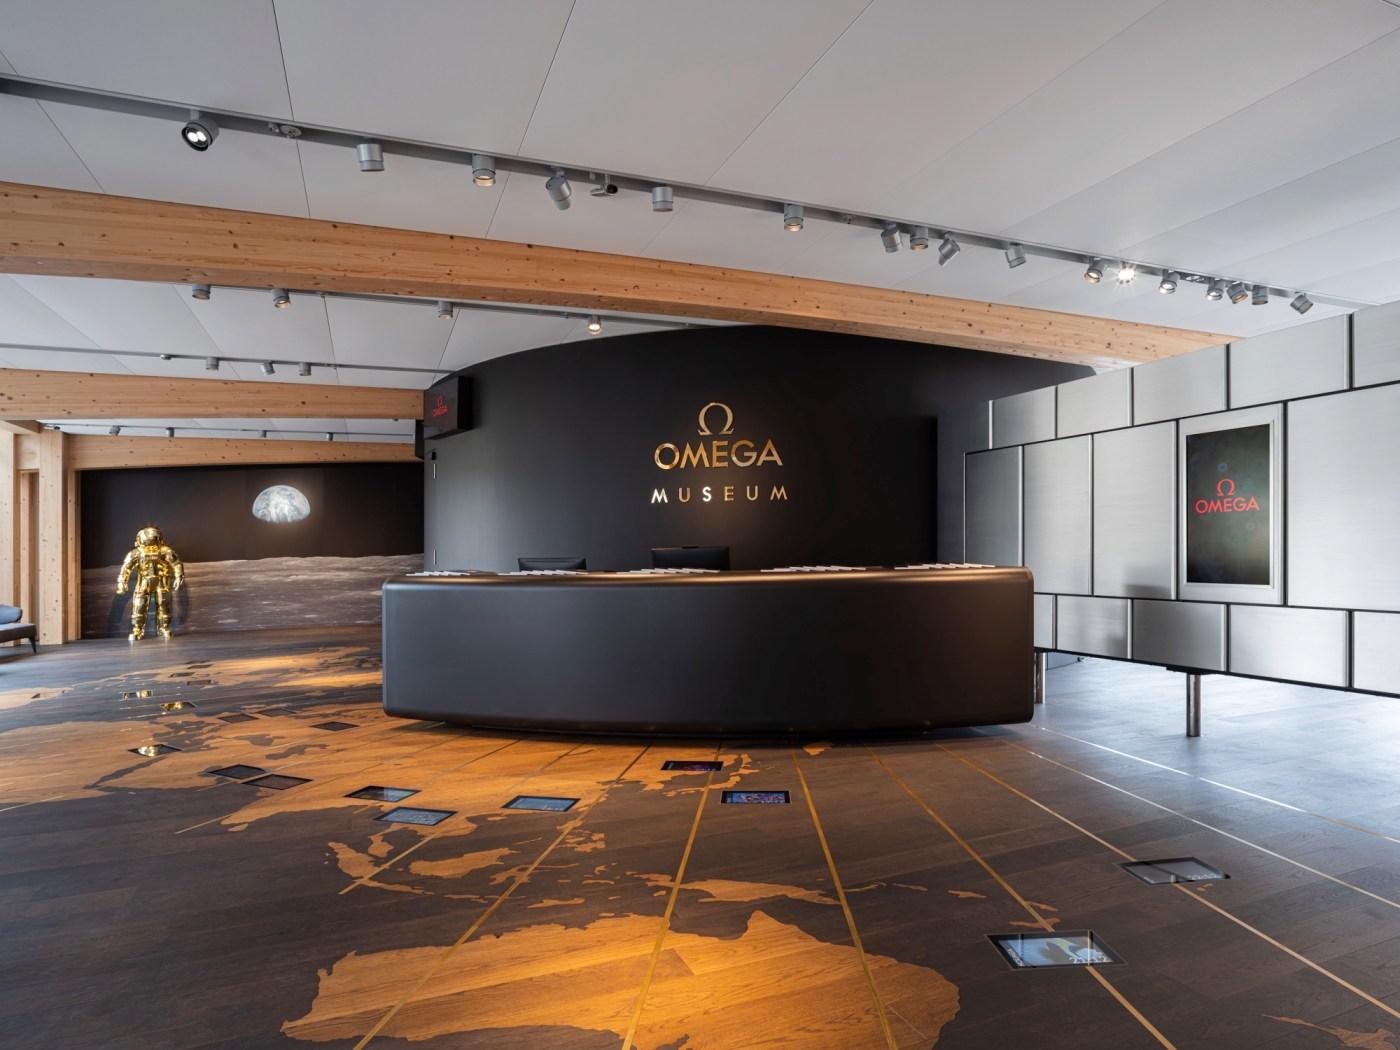 Omega museum entrance in Biel/Bienne